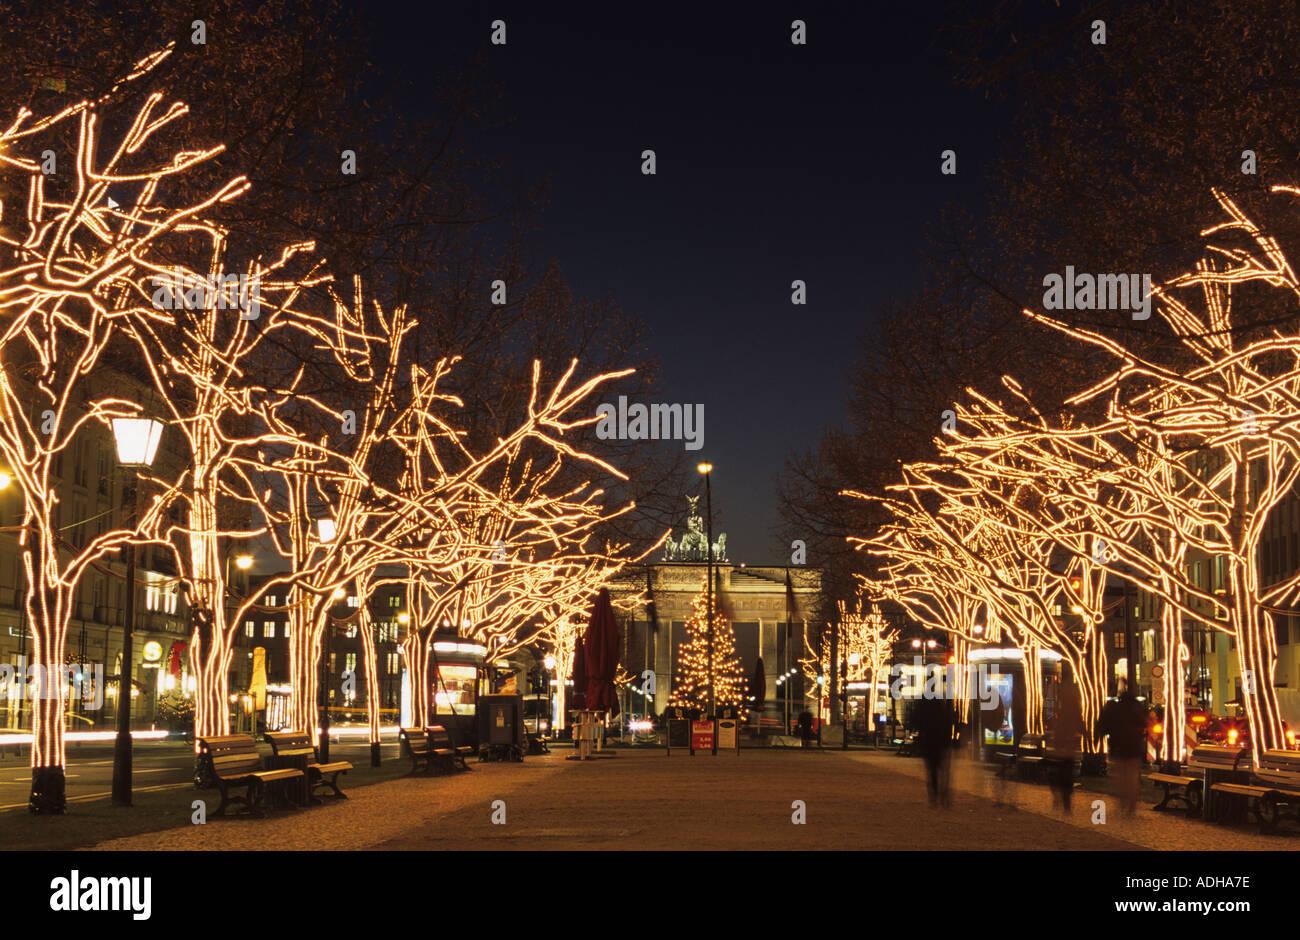 Unter Den Linden Weihnachtsbeleuchtung.Weihnachtsbeleuchtung Entlang Unter Den Linden Allee Zum